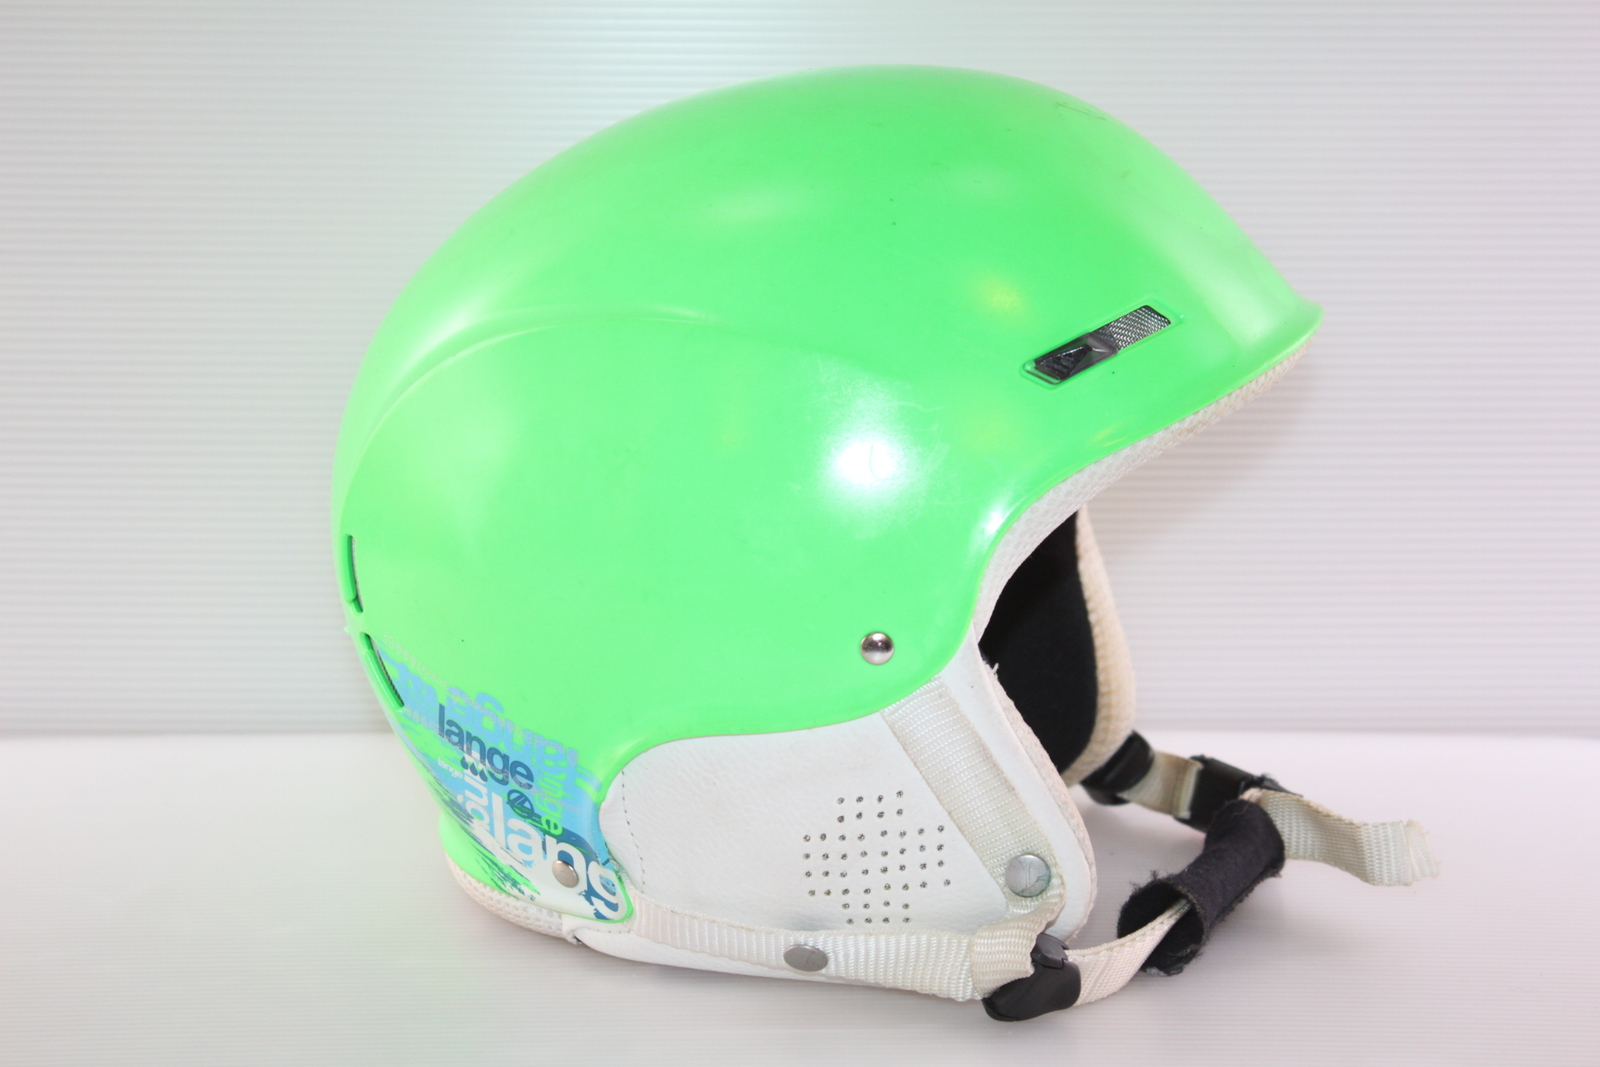 Dětská lyžařská helma Lange 6th sense vel. 60